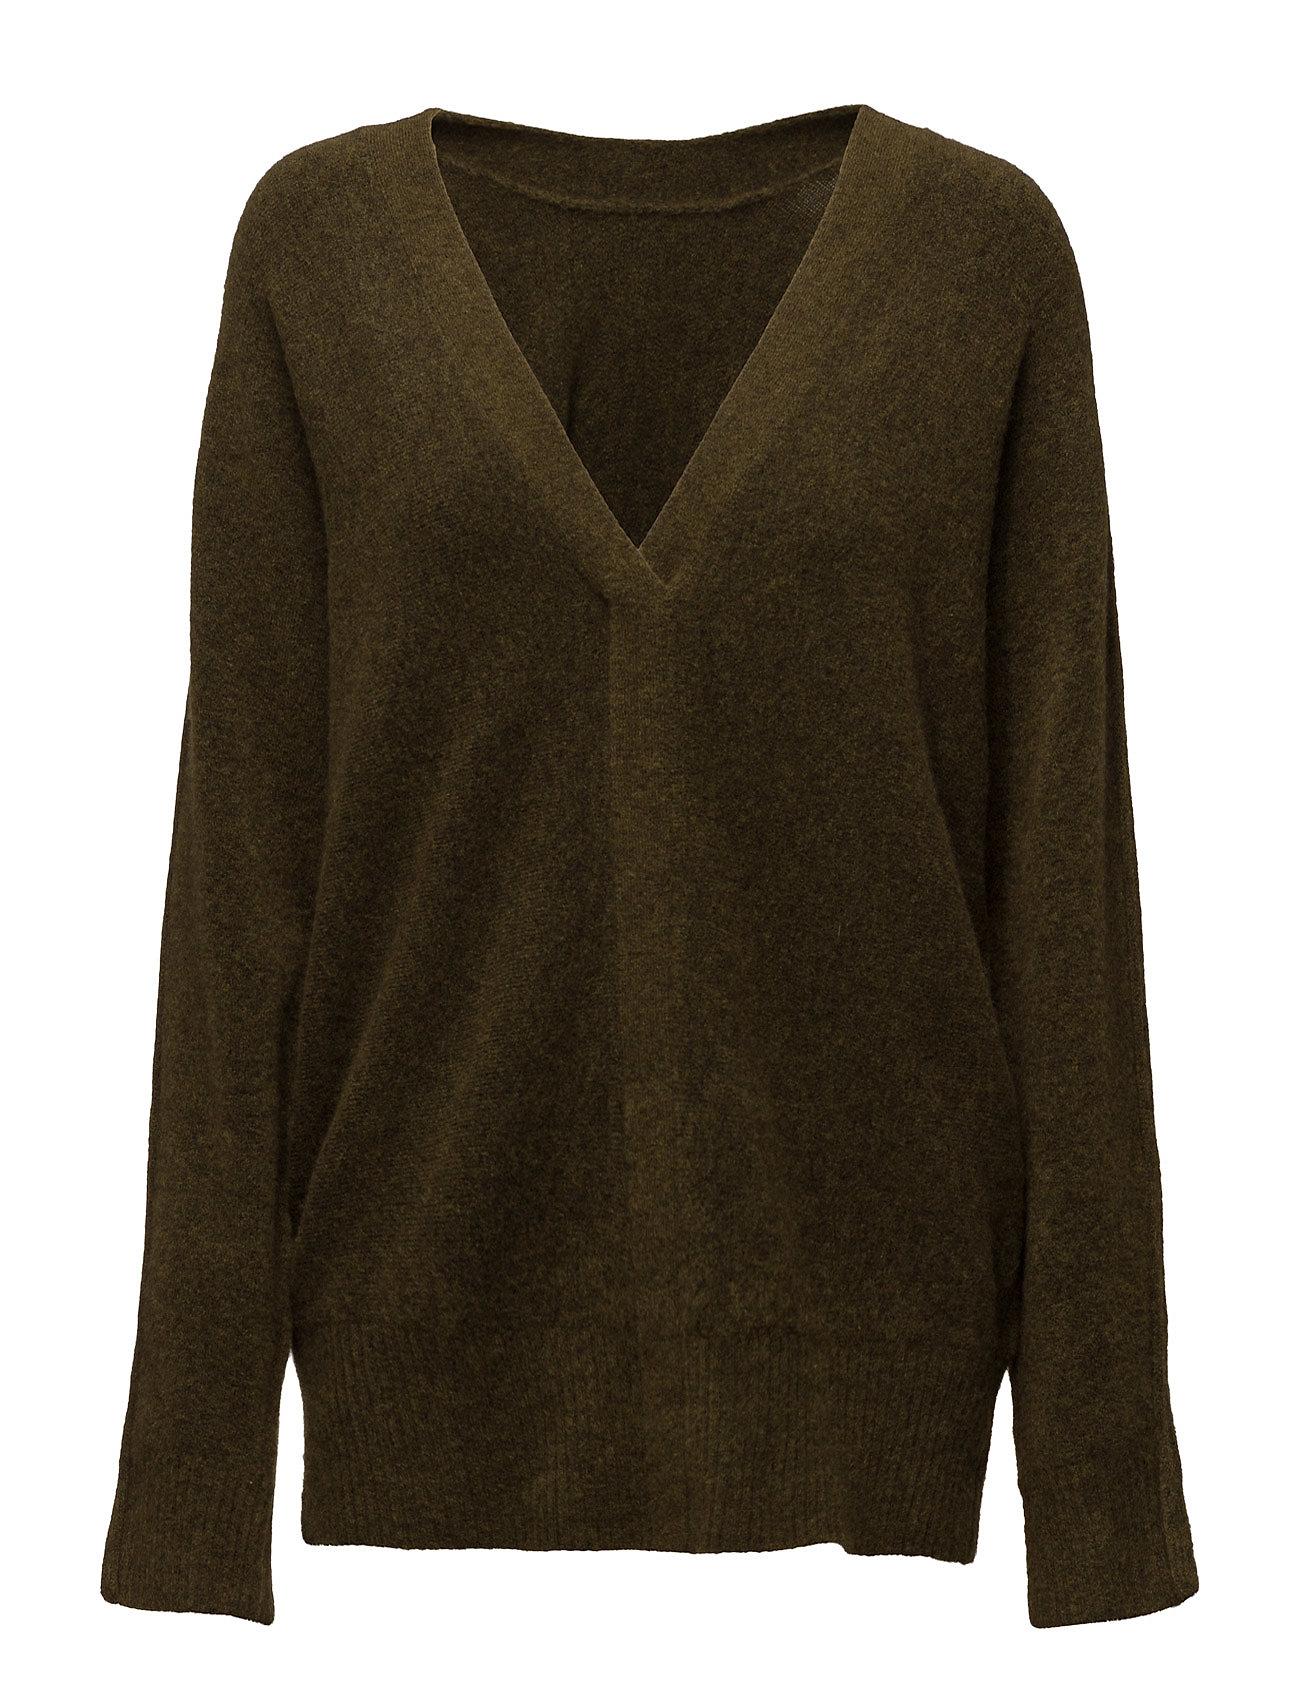 Ls Sweater W Back V 3.1 Phillip Lim Cardigans til Damer i Grøn